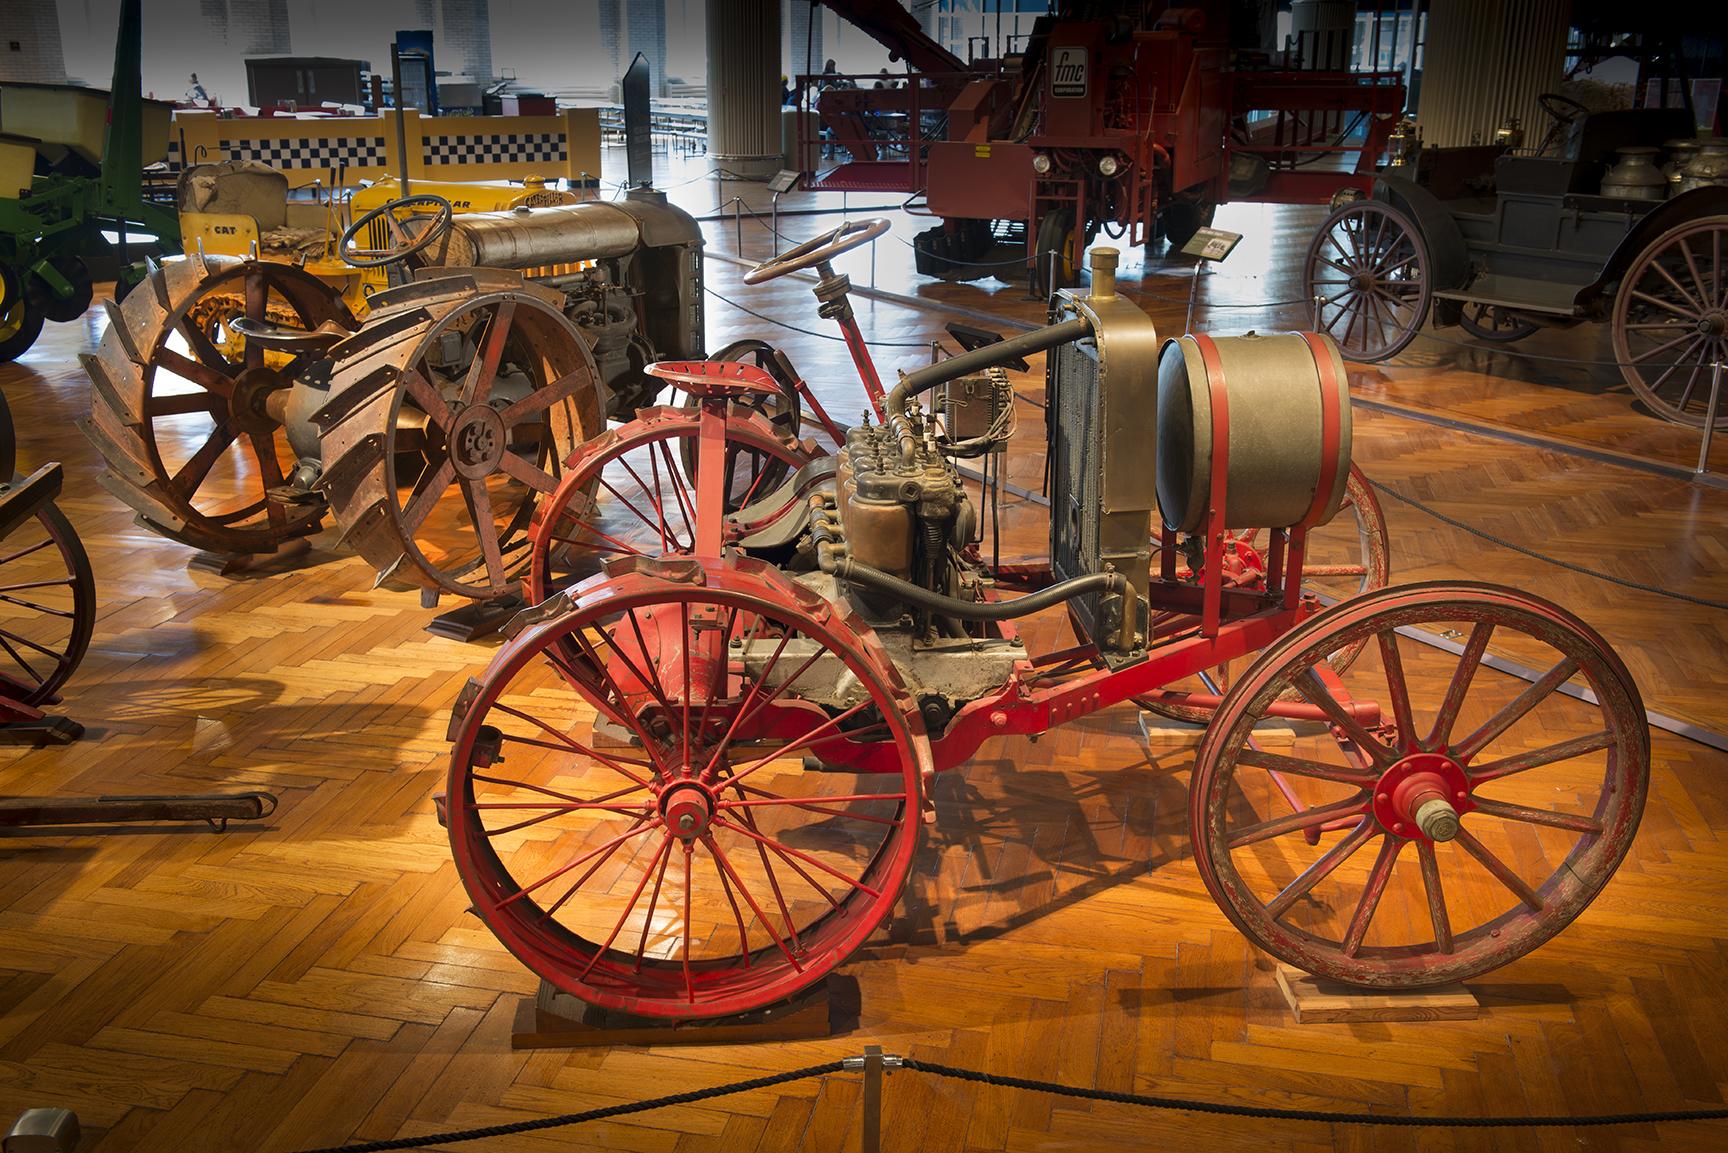 1907 Automotive Plow